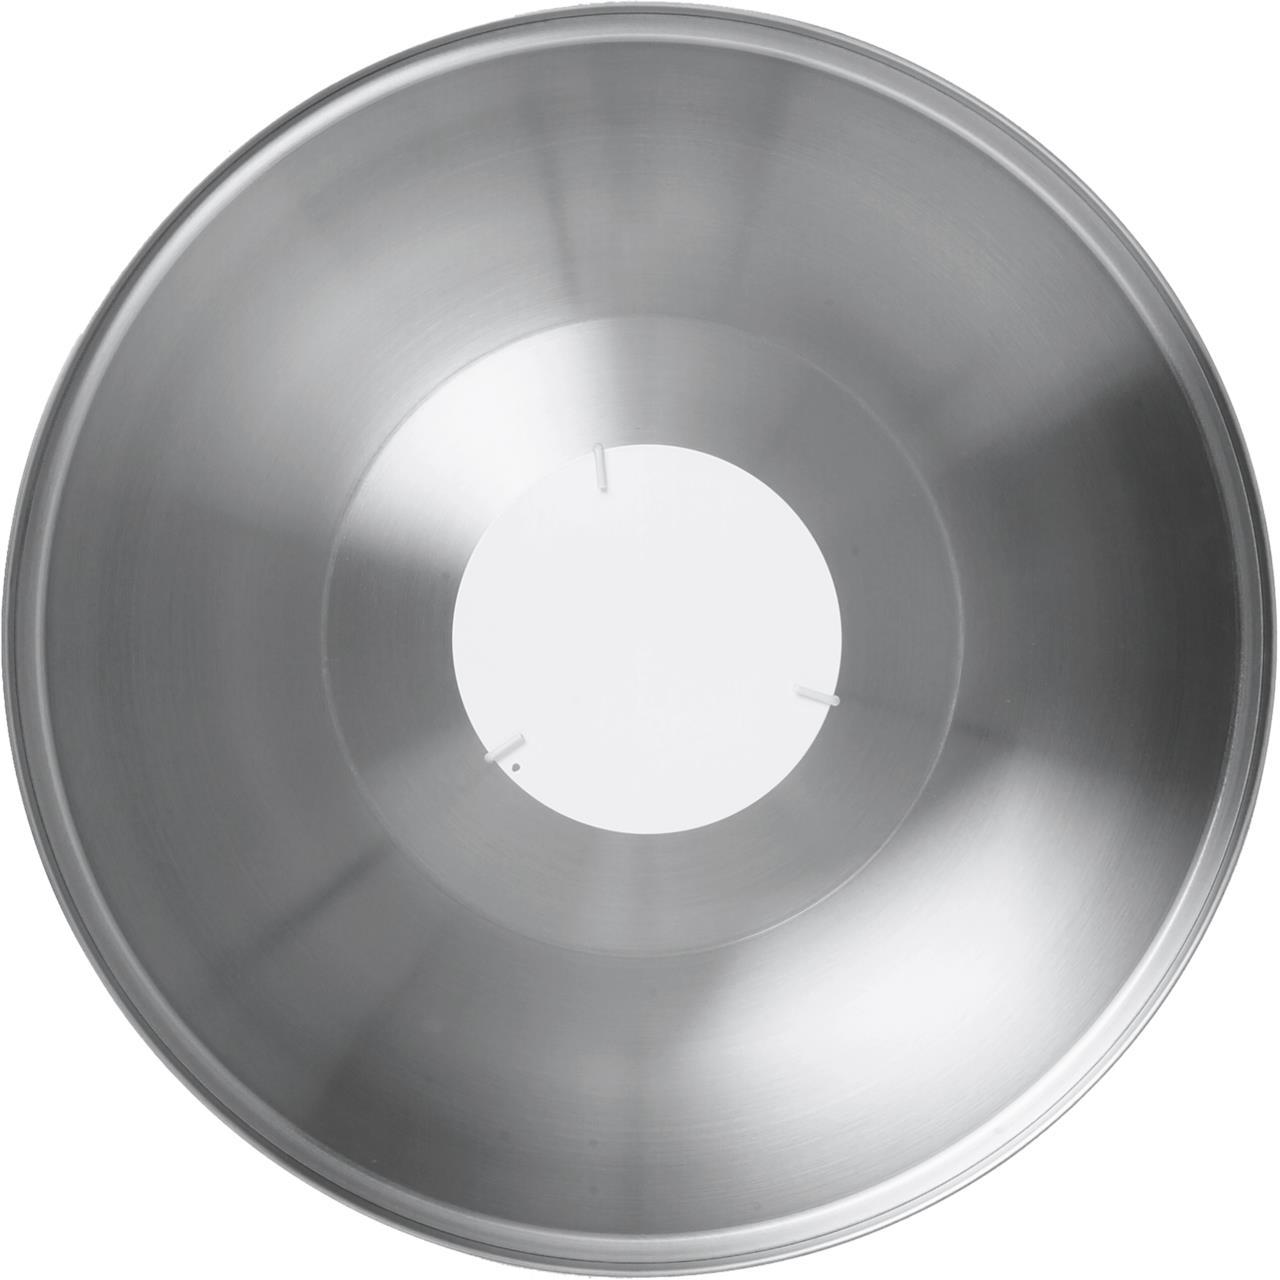 Profoto Beauty Dish Sølv - Profoto Beauty Dish sølv m/ diffusjon.Pris: 250,- eks. mva